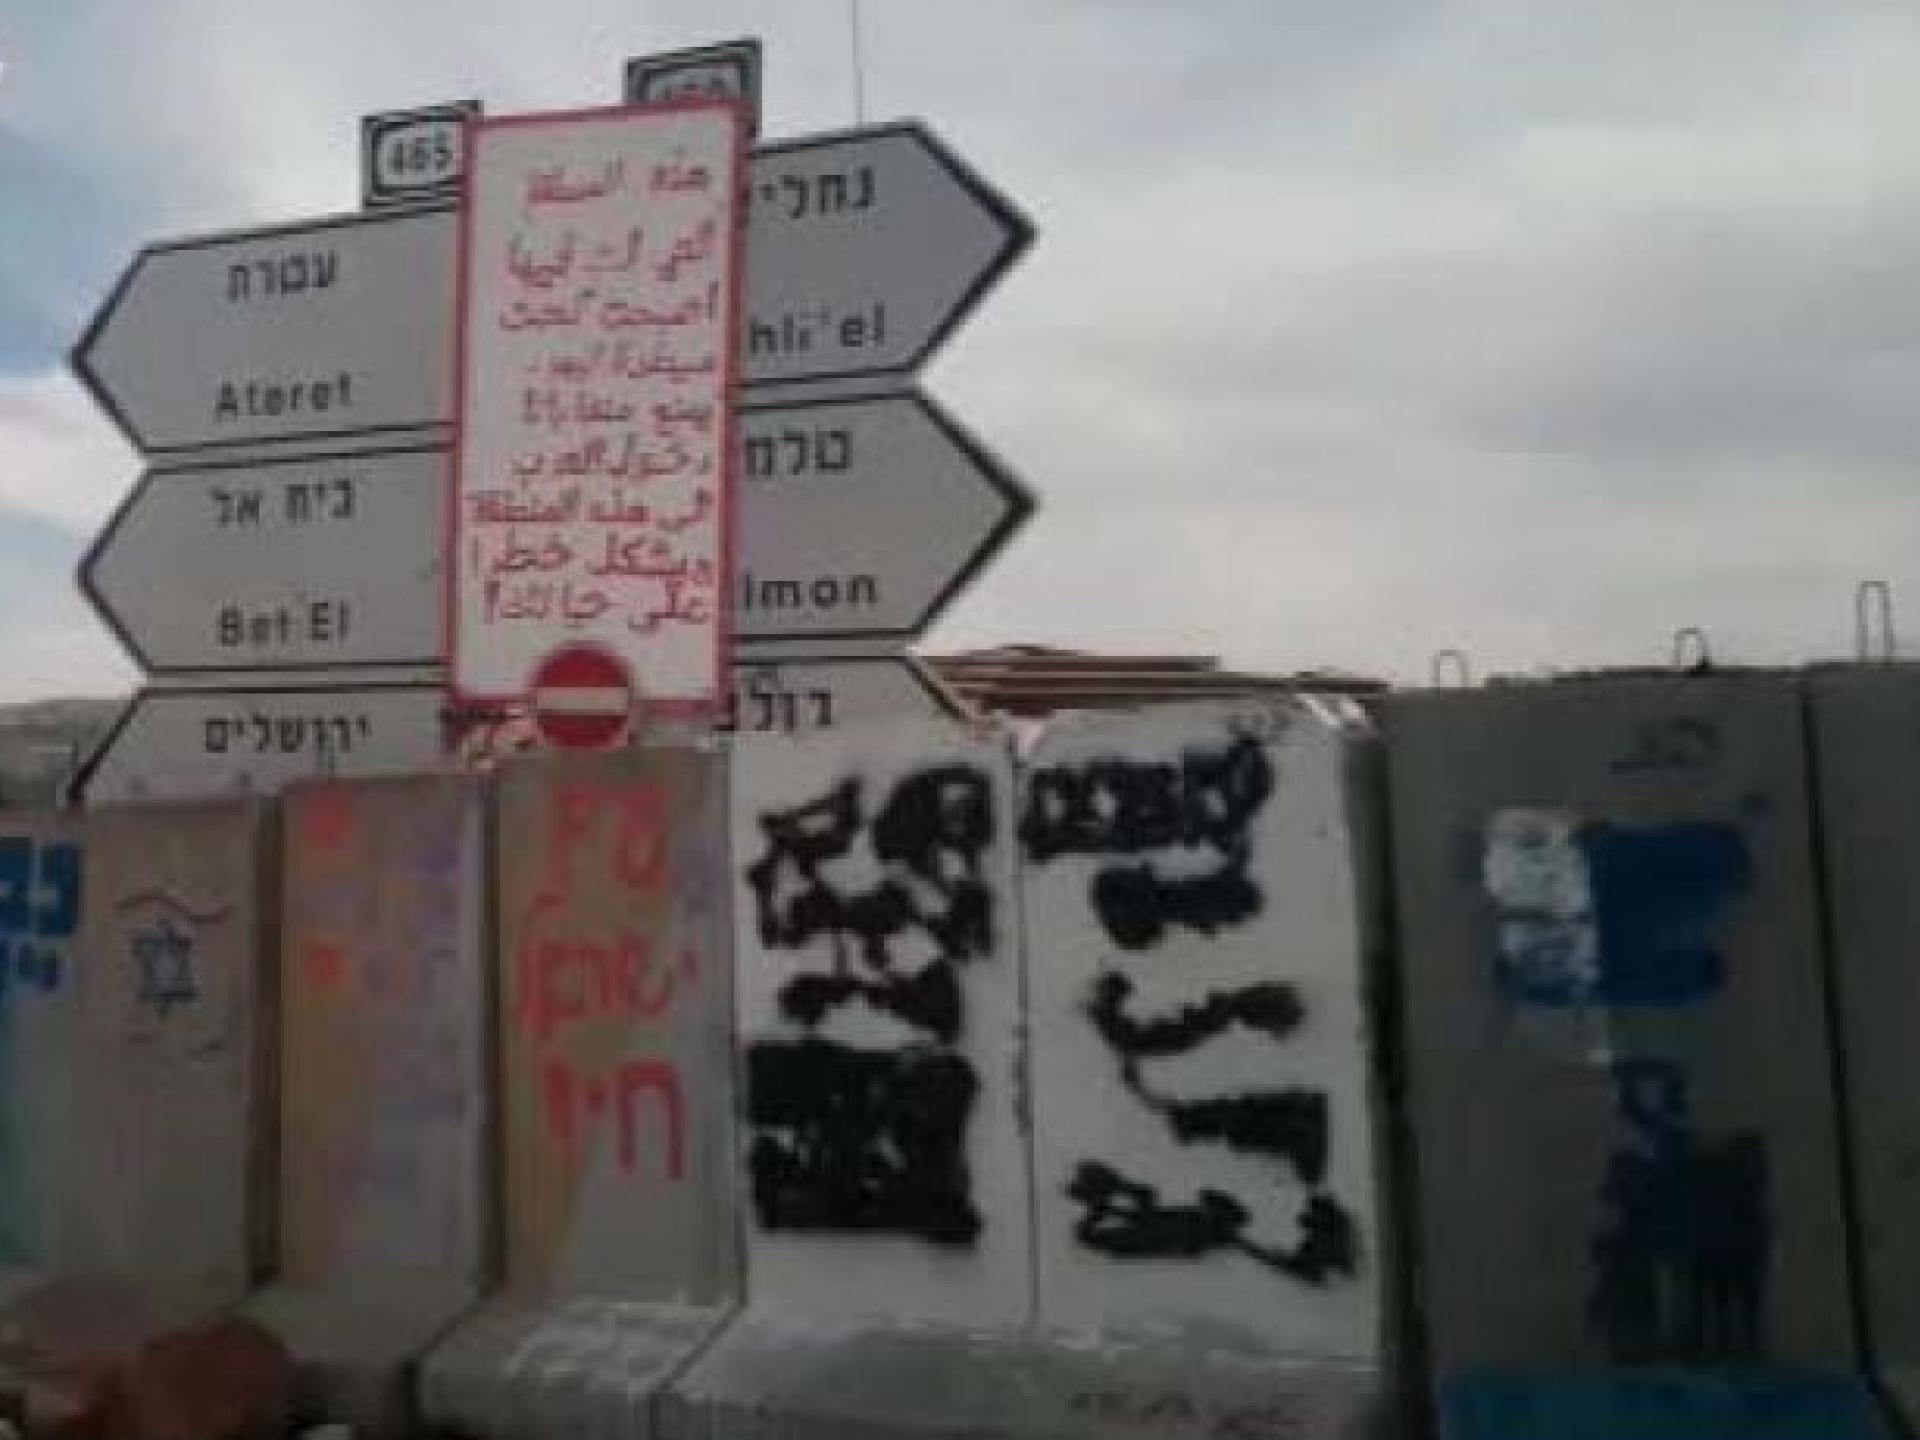 השלט בערבית בצומת לכביש 450 מודיע שחל איסור על פלסטינים לעבור